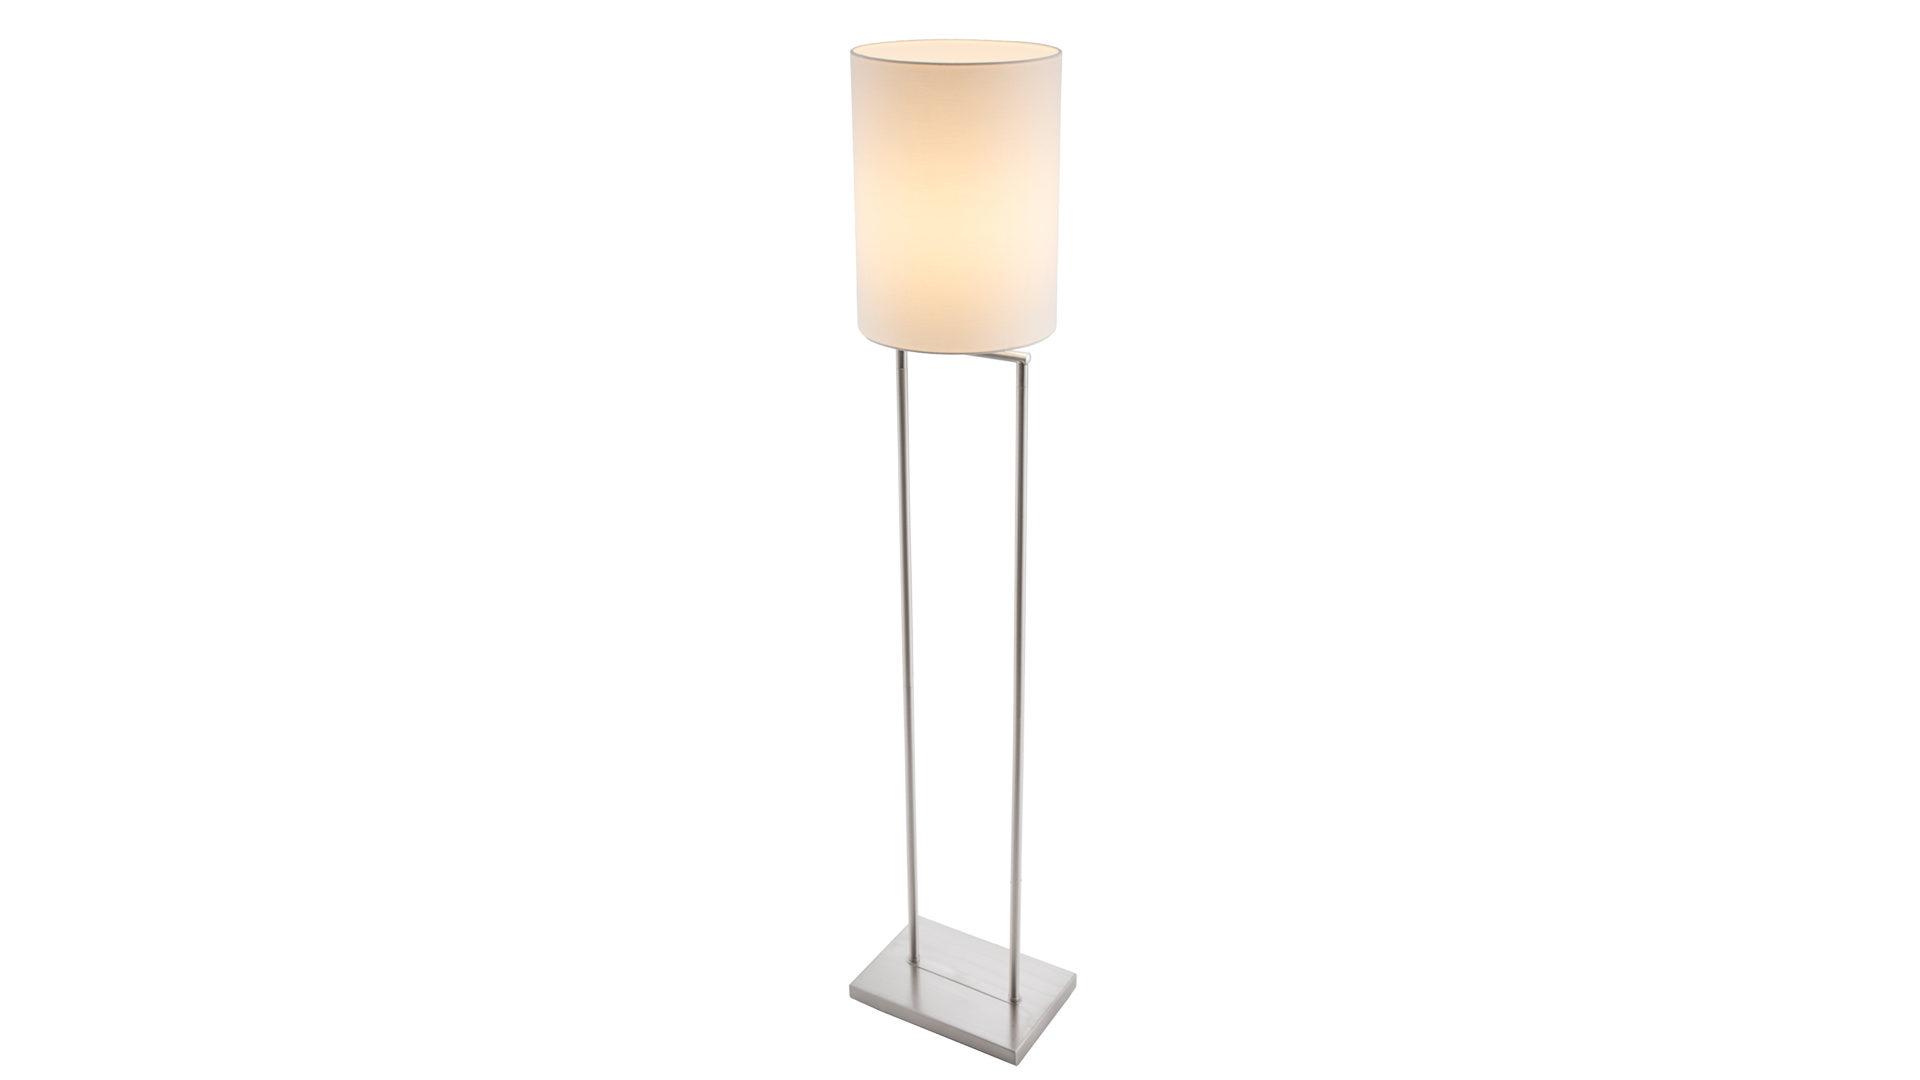 Wohnland Breitwieser , Möbel A-Z, Lampen + Leuchten, Stehleuchten ...